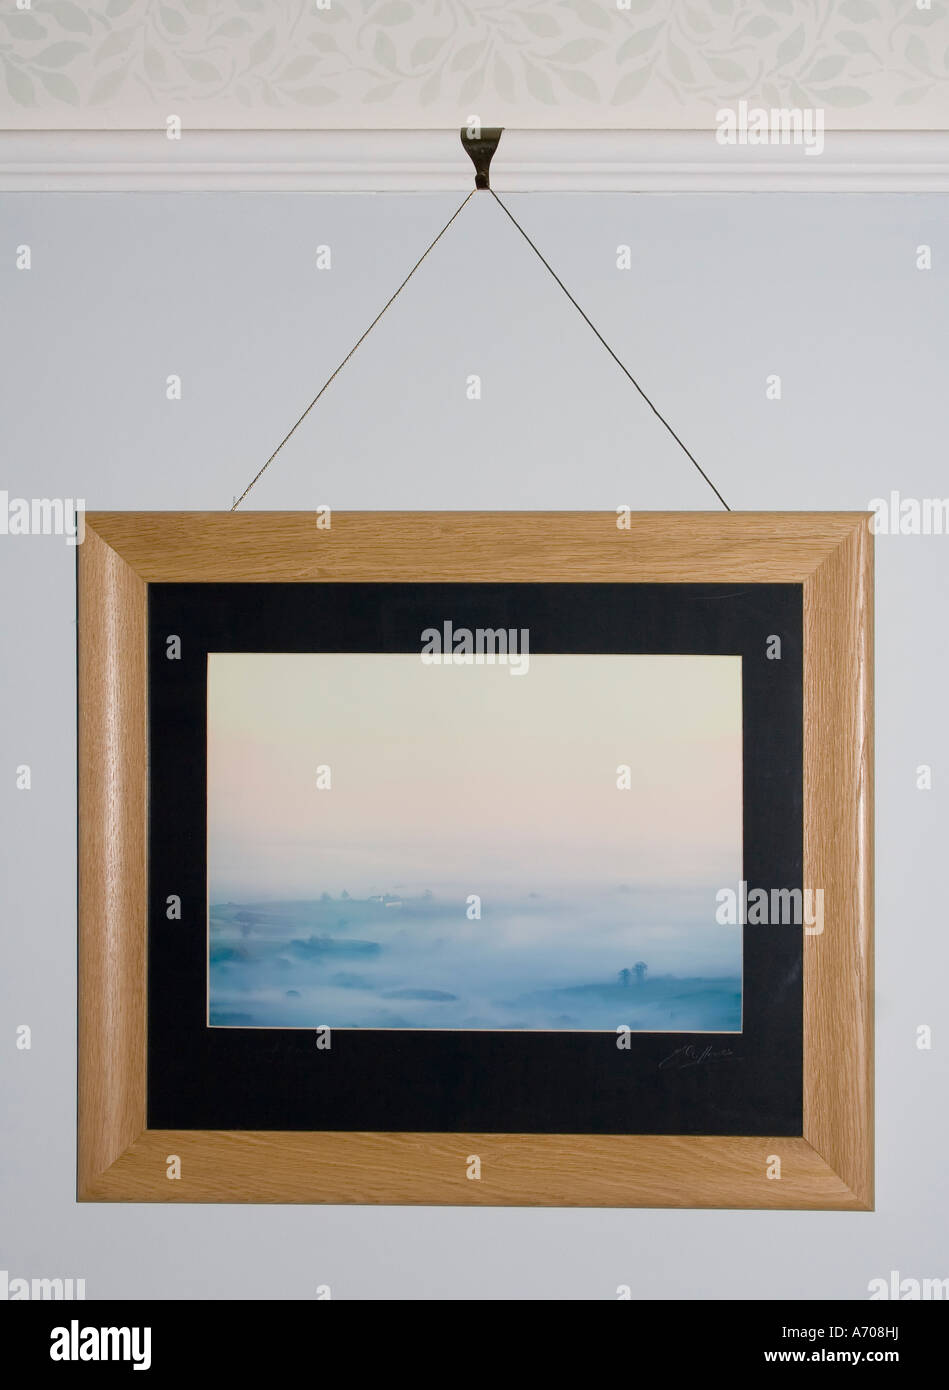 Foto im Eichenrahmen von Dado Schiene Wales UK Foto hängen ist ...